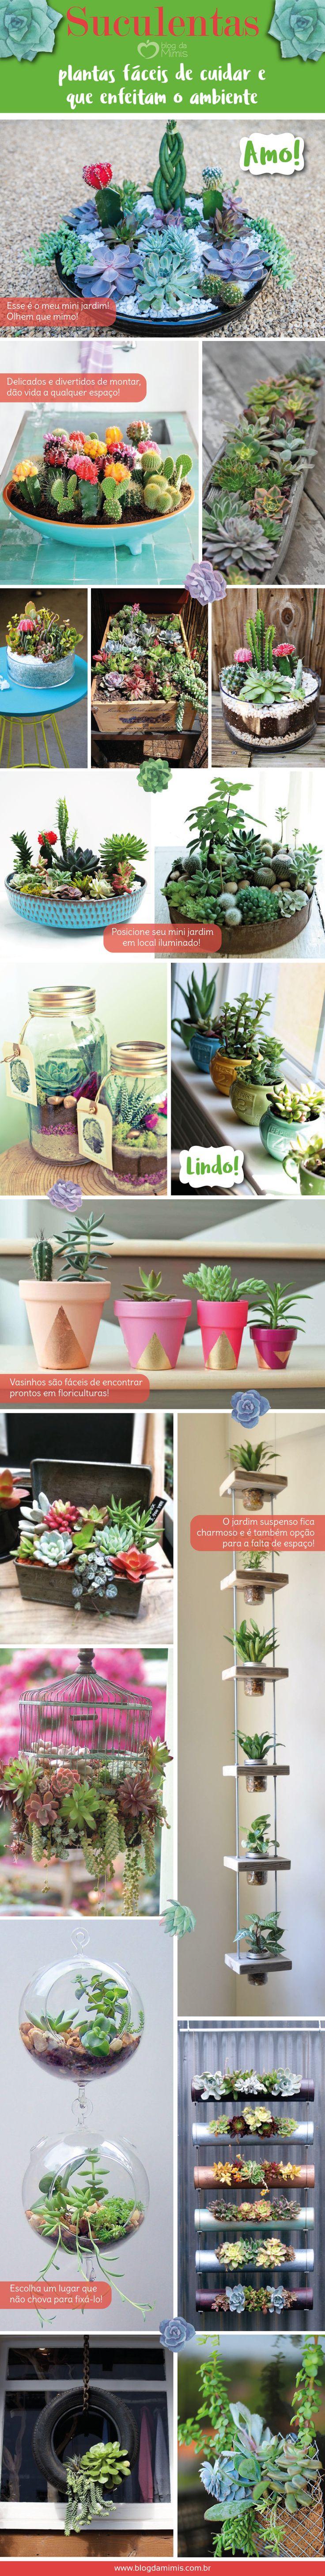 Suculentas: plantas fáceis de cuidar e que enfeitam o ambiente - Blog da Mimis #suculentas #plantas #jardim #minijardim #mini #vasos #decor